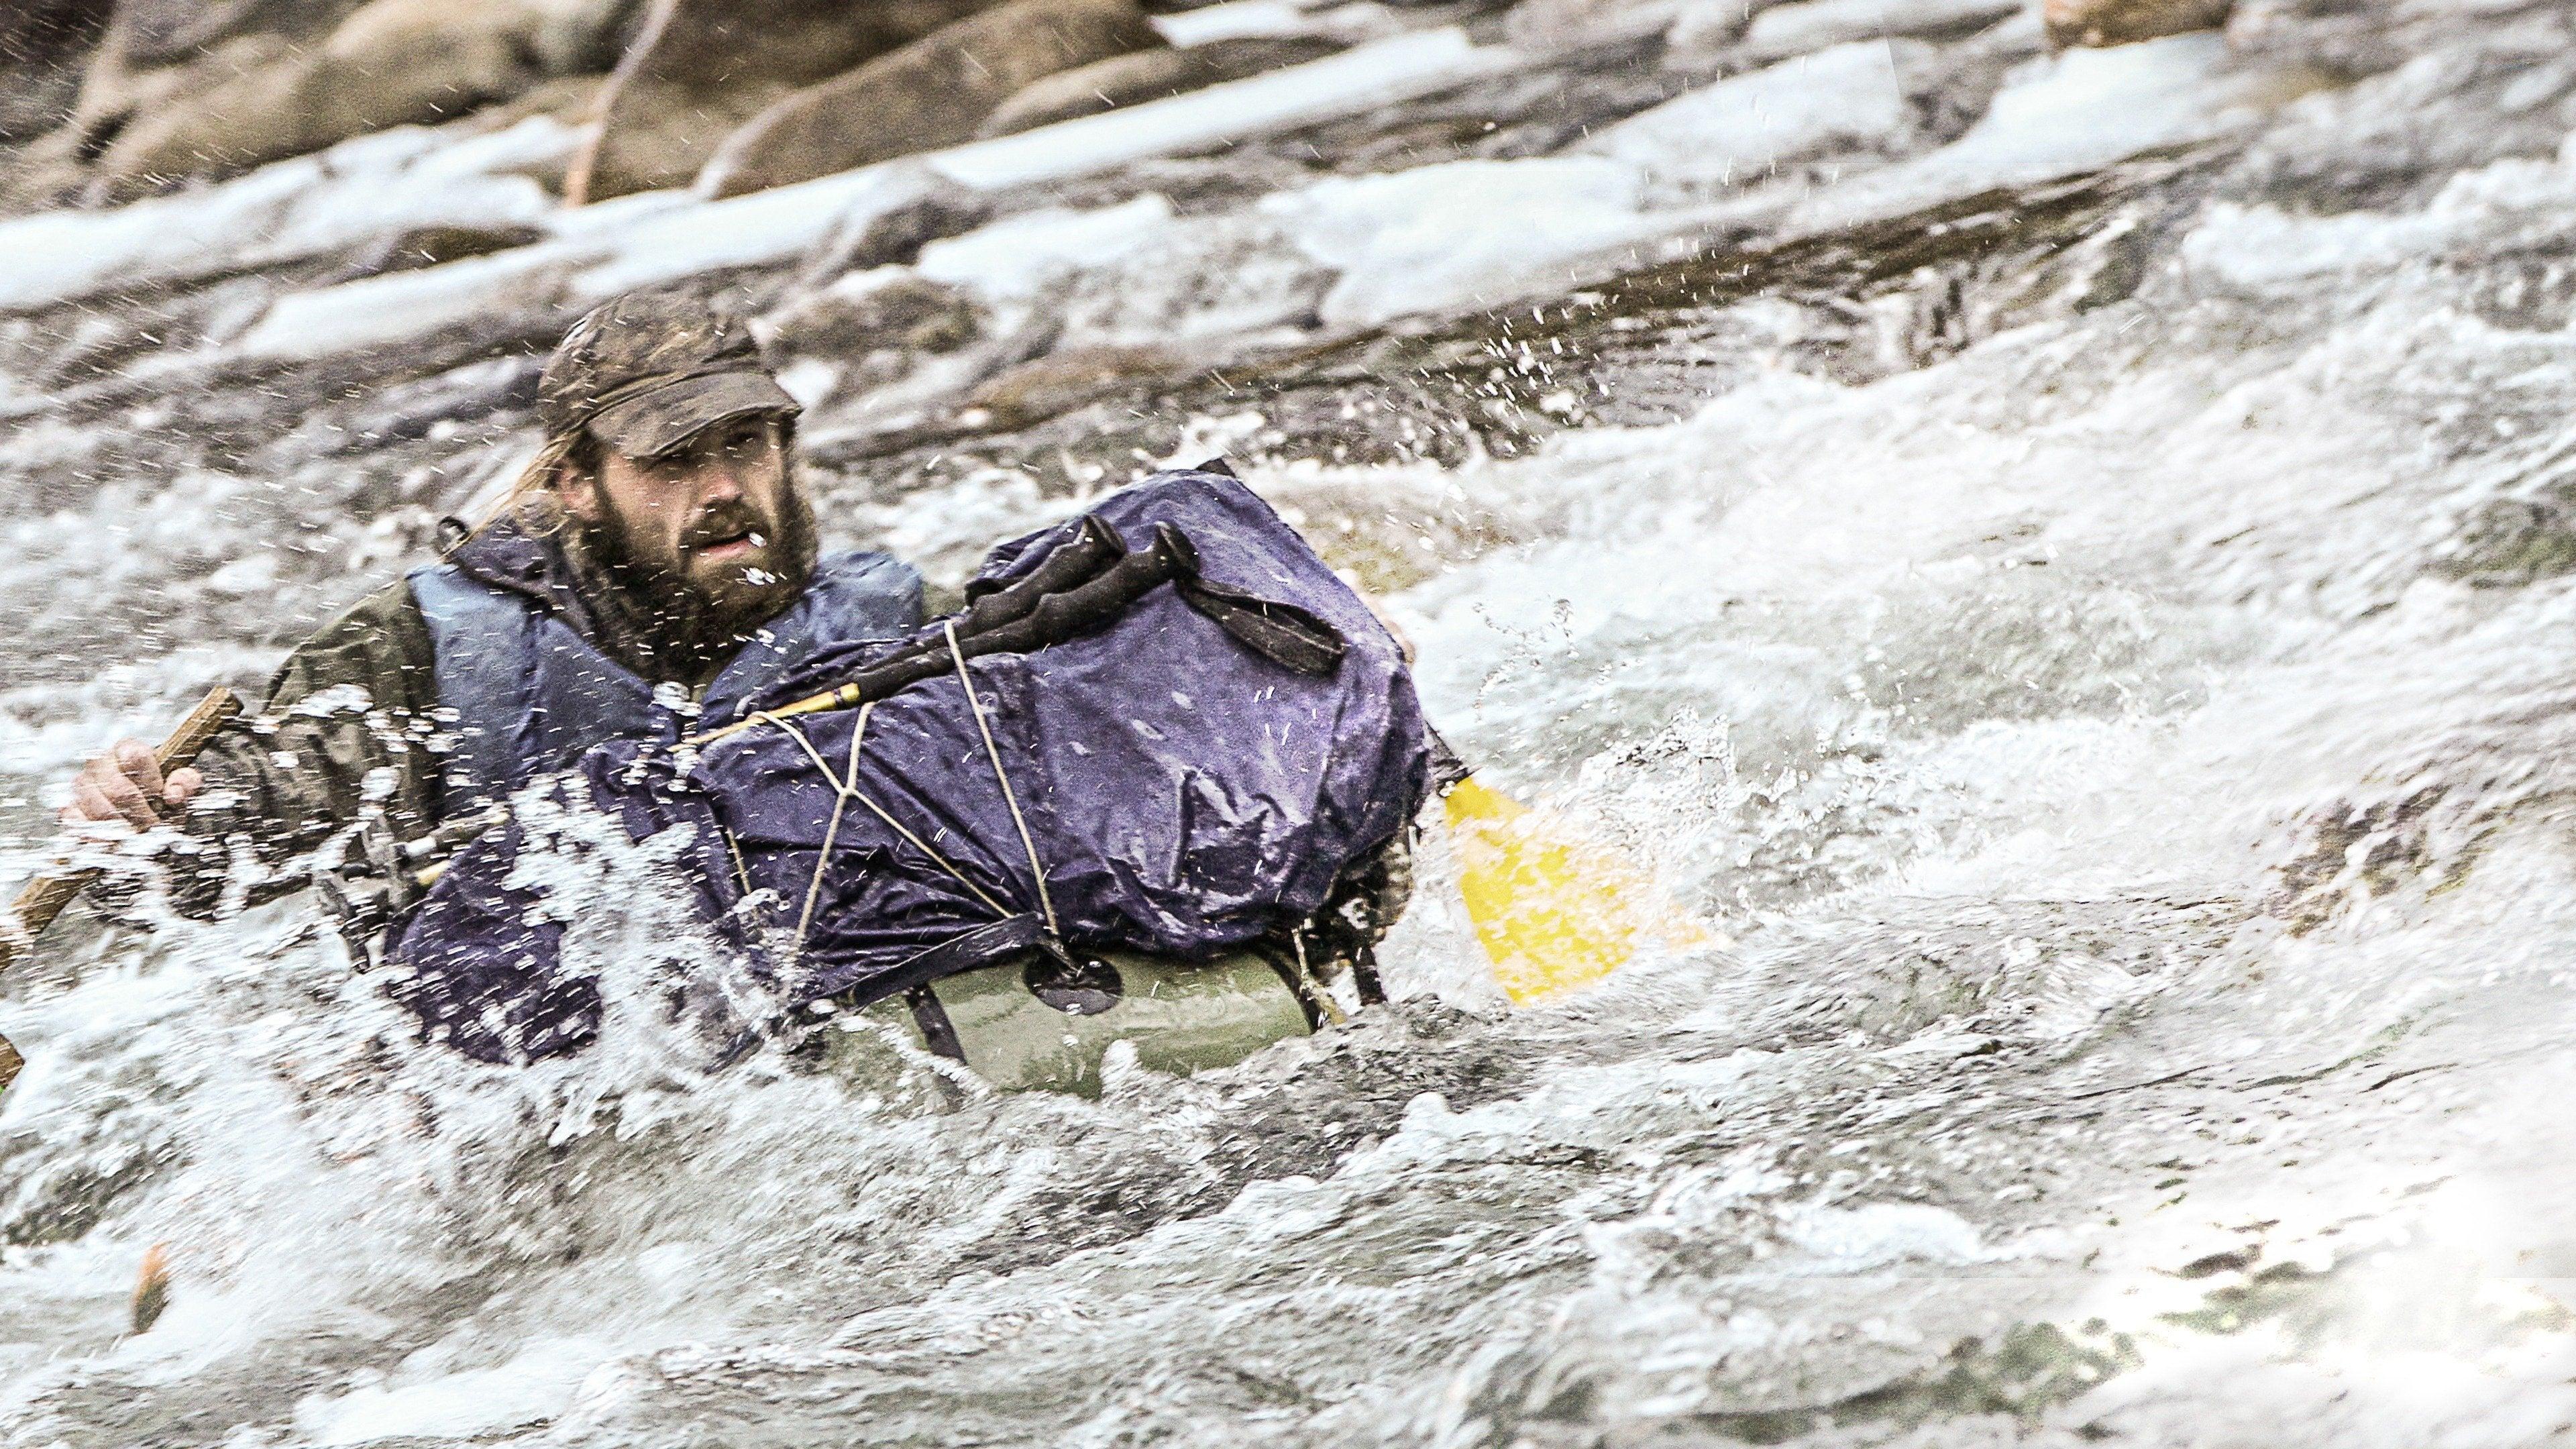 Mountain Men: Fully Loaded